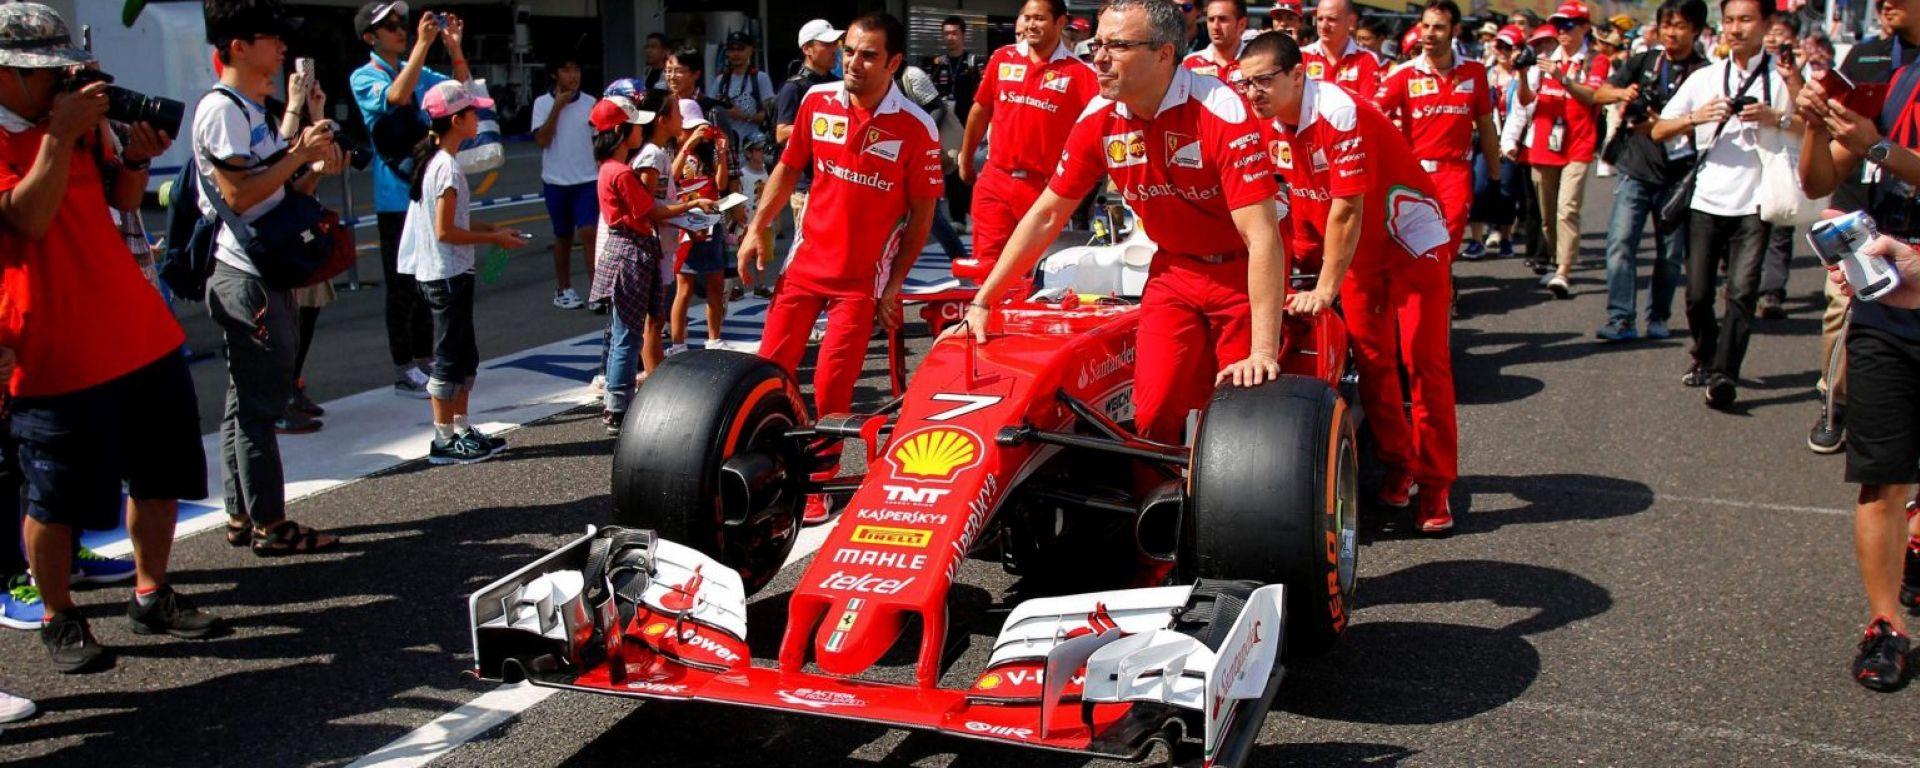 F1, Gran Premio del Giappone 2016: anteprima